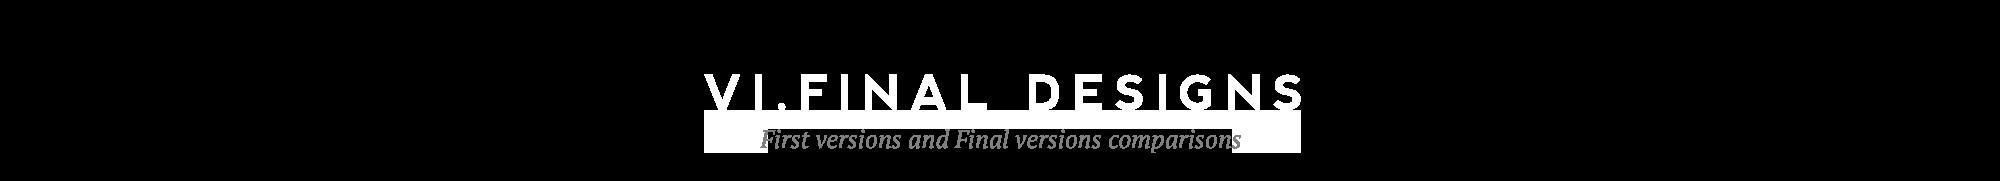 panda-renault-digital-final-design-part